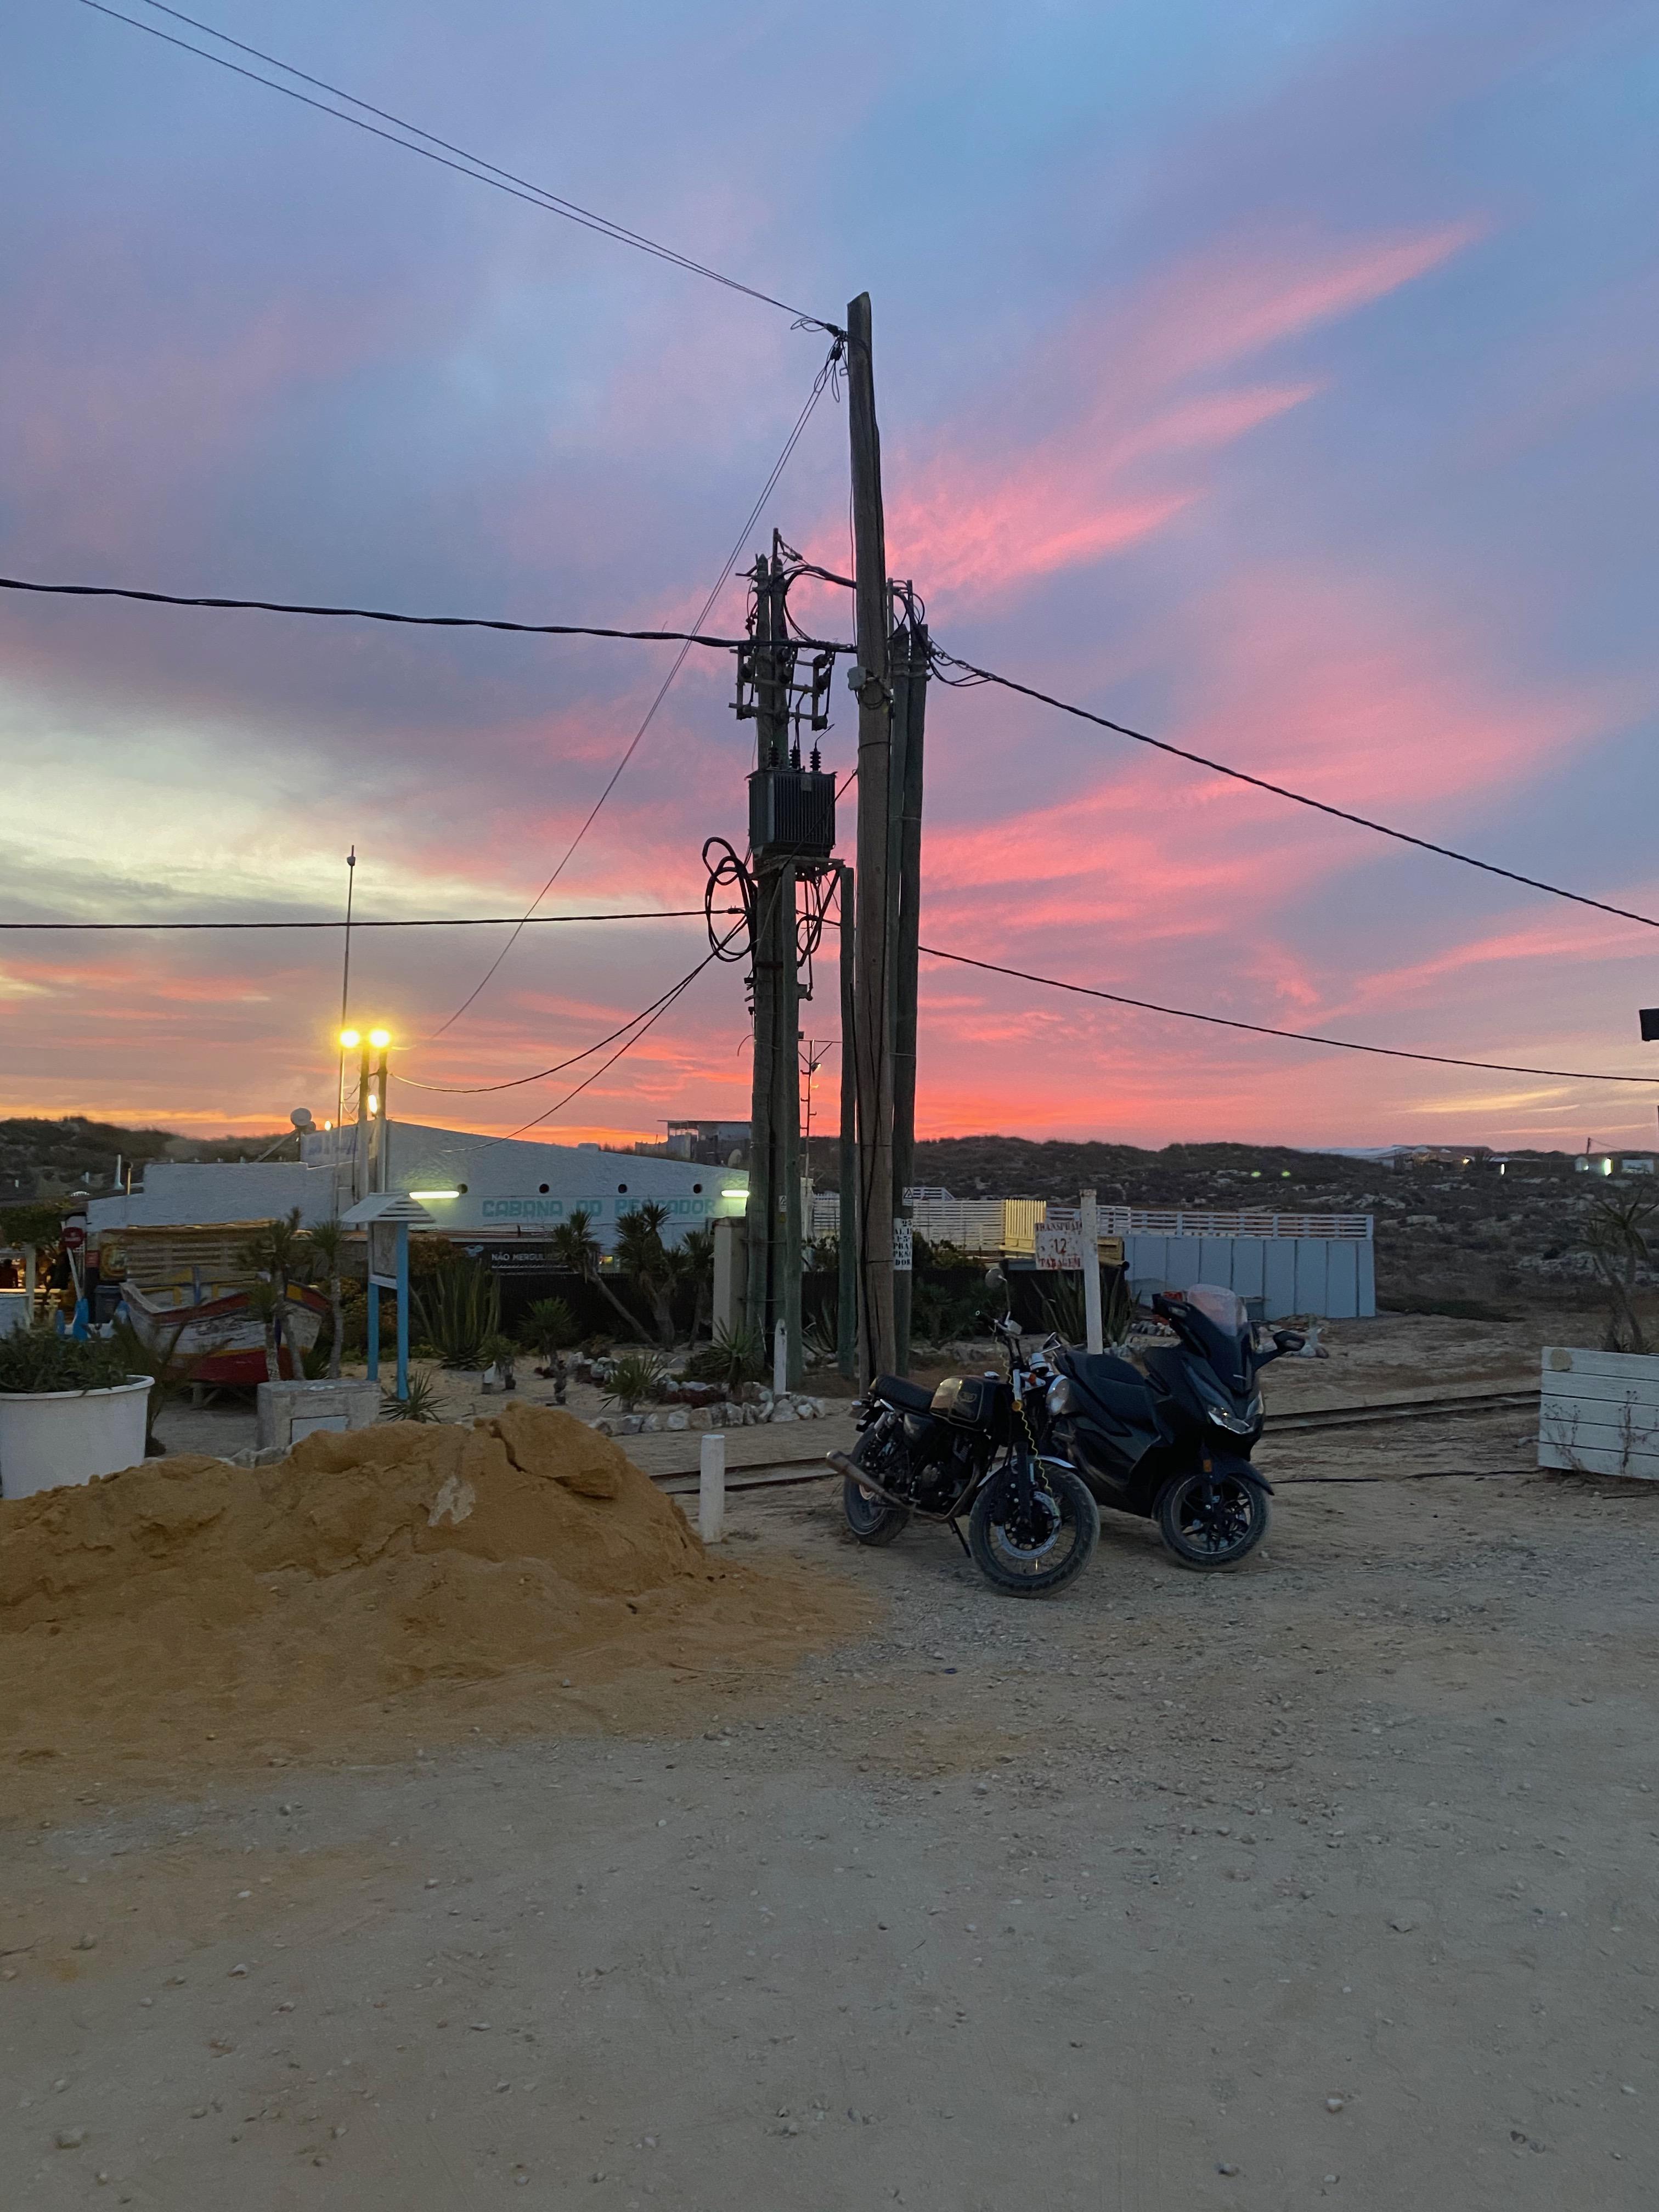 Portugal – das Land, in dem die Sonne untergeht